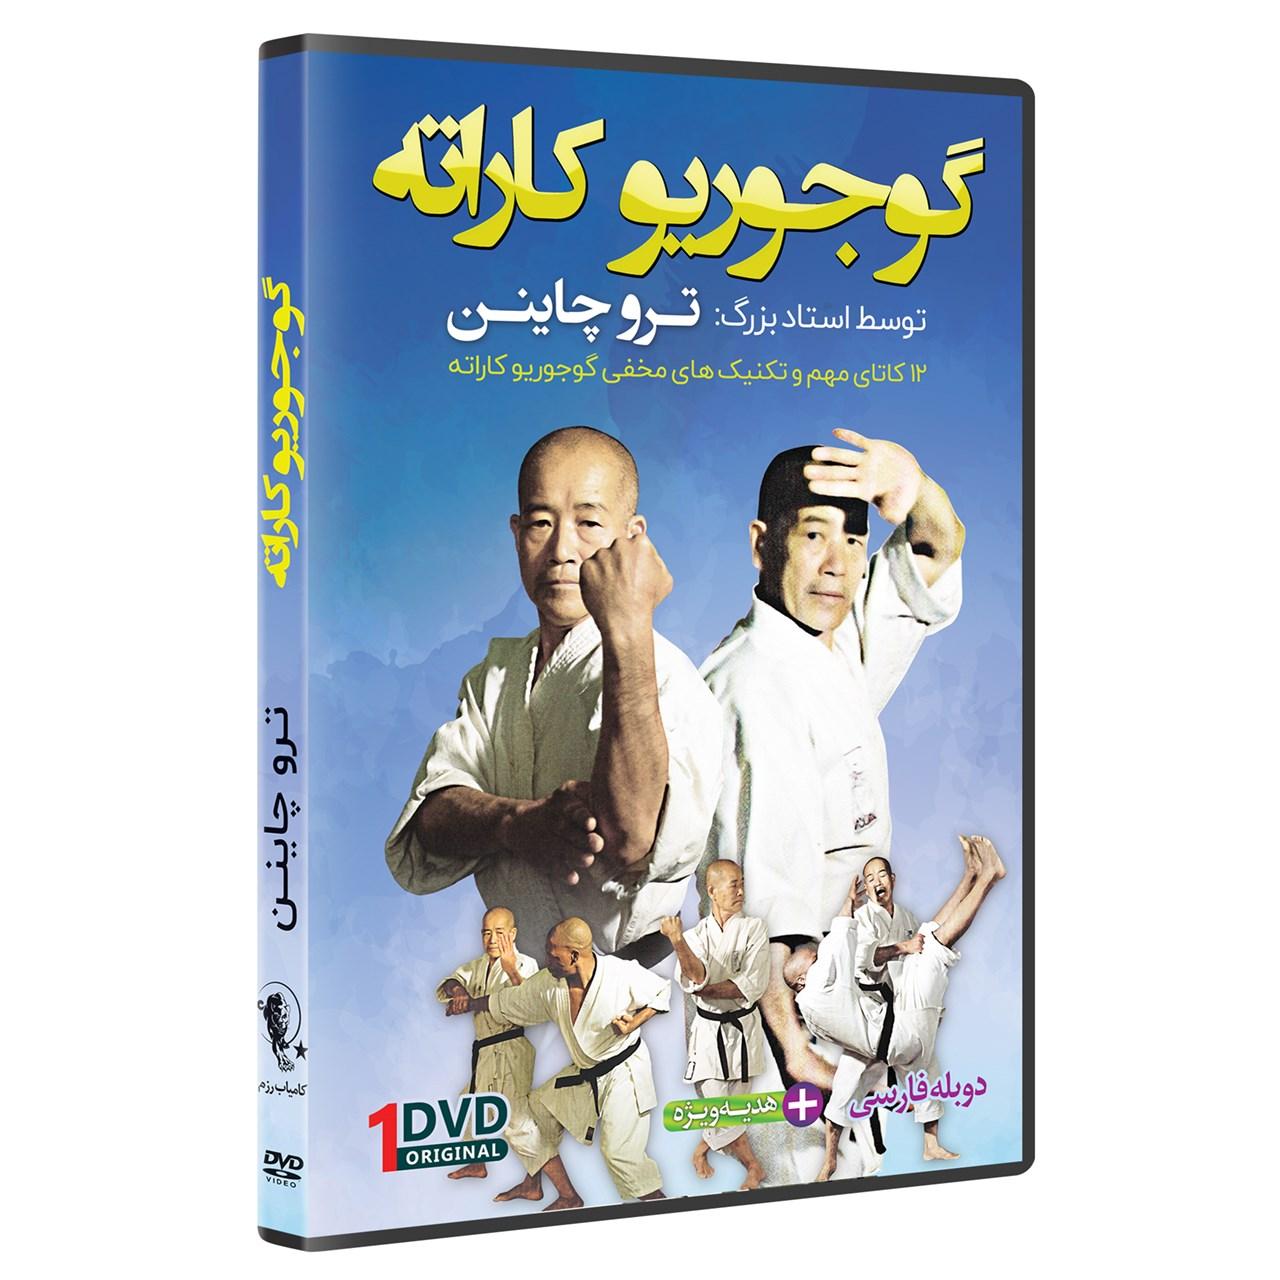 فیلم آموزش سبک  گوجوریو کاراته  DVD5 نشرکامیاب رزم